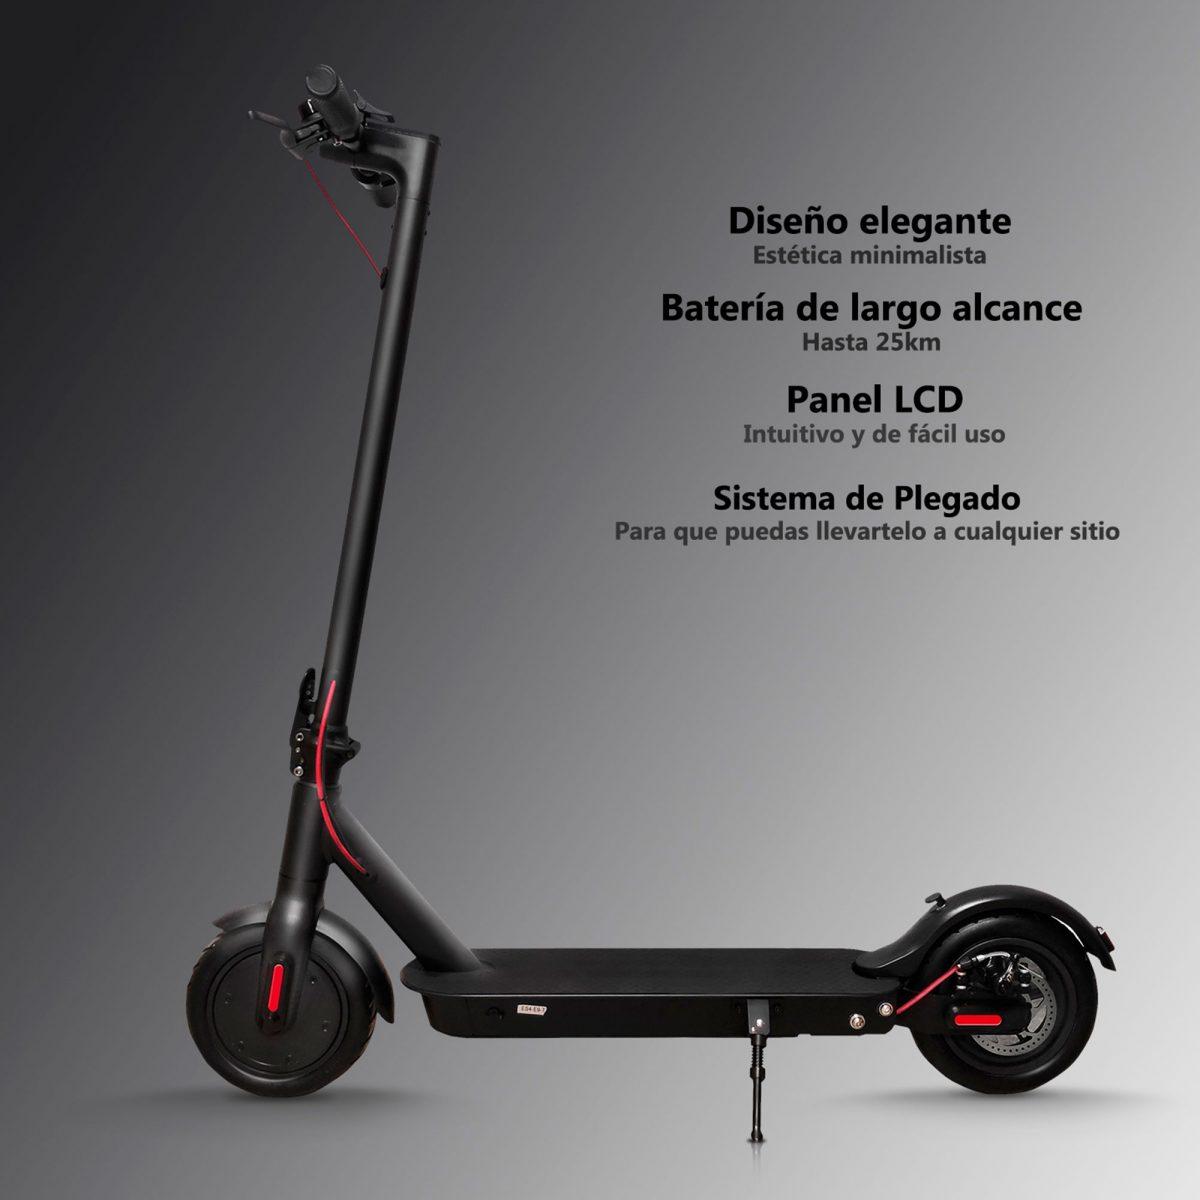 Patinete eléctrico con sistema de plegado, panel LCD y batería de largo alcance - Zwheel